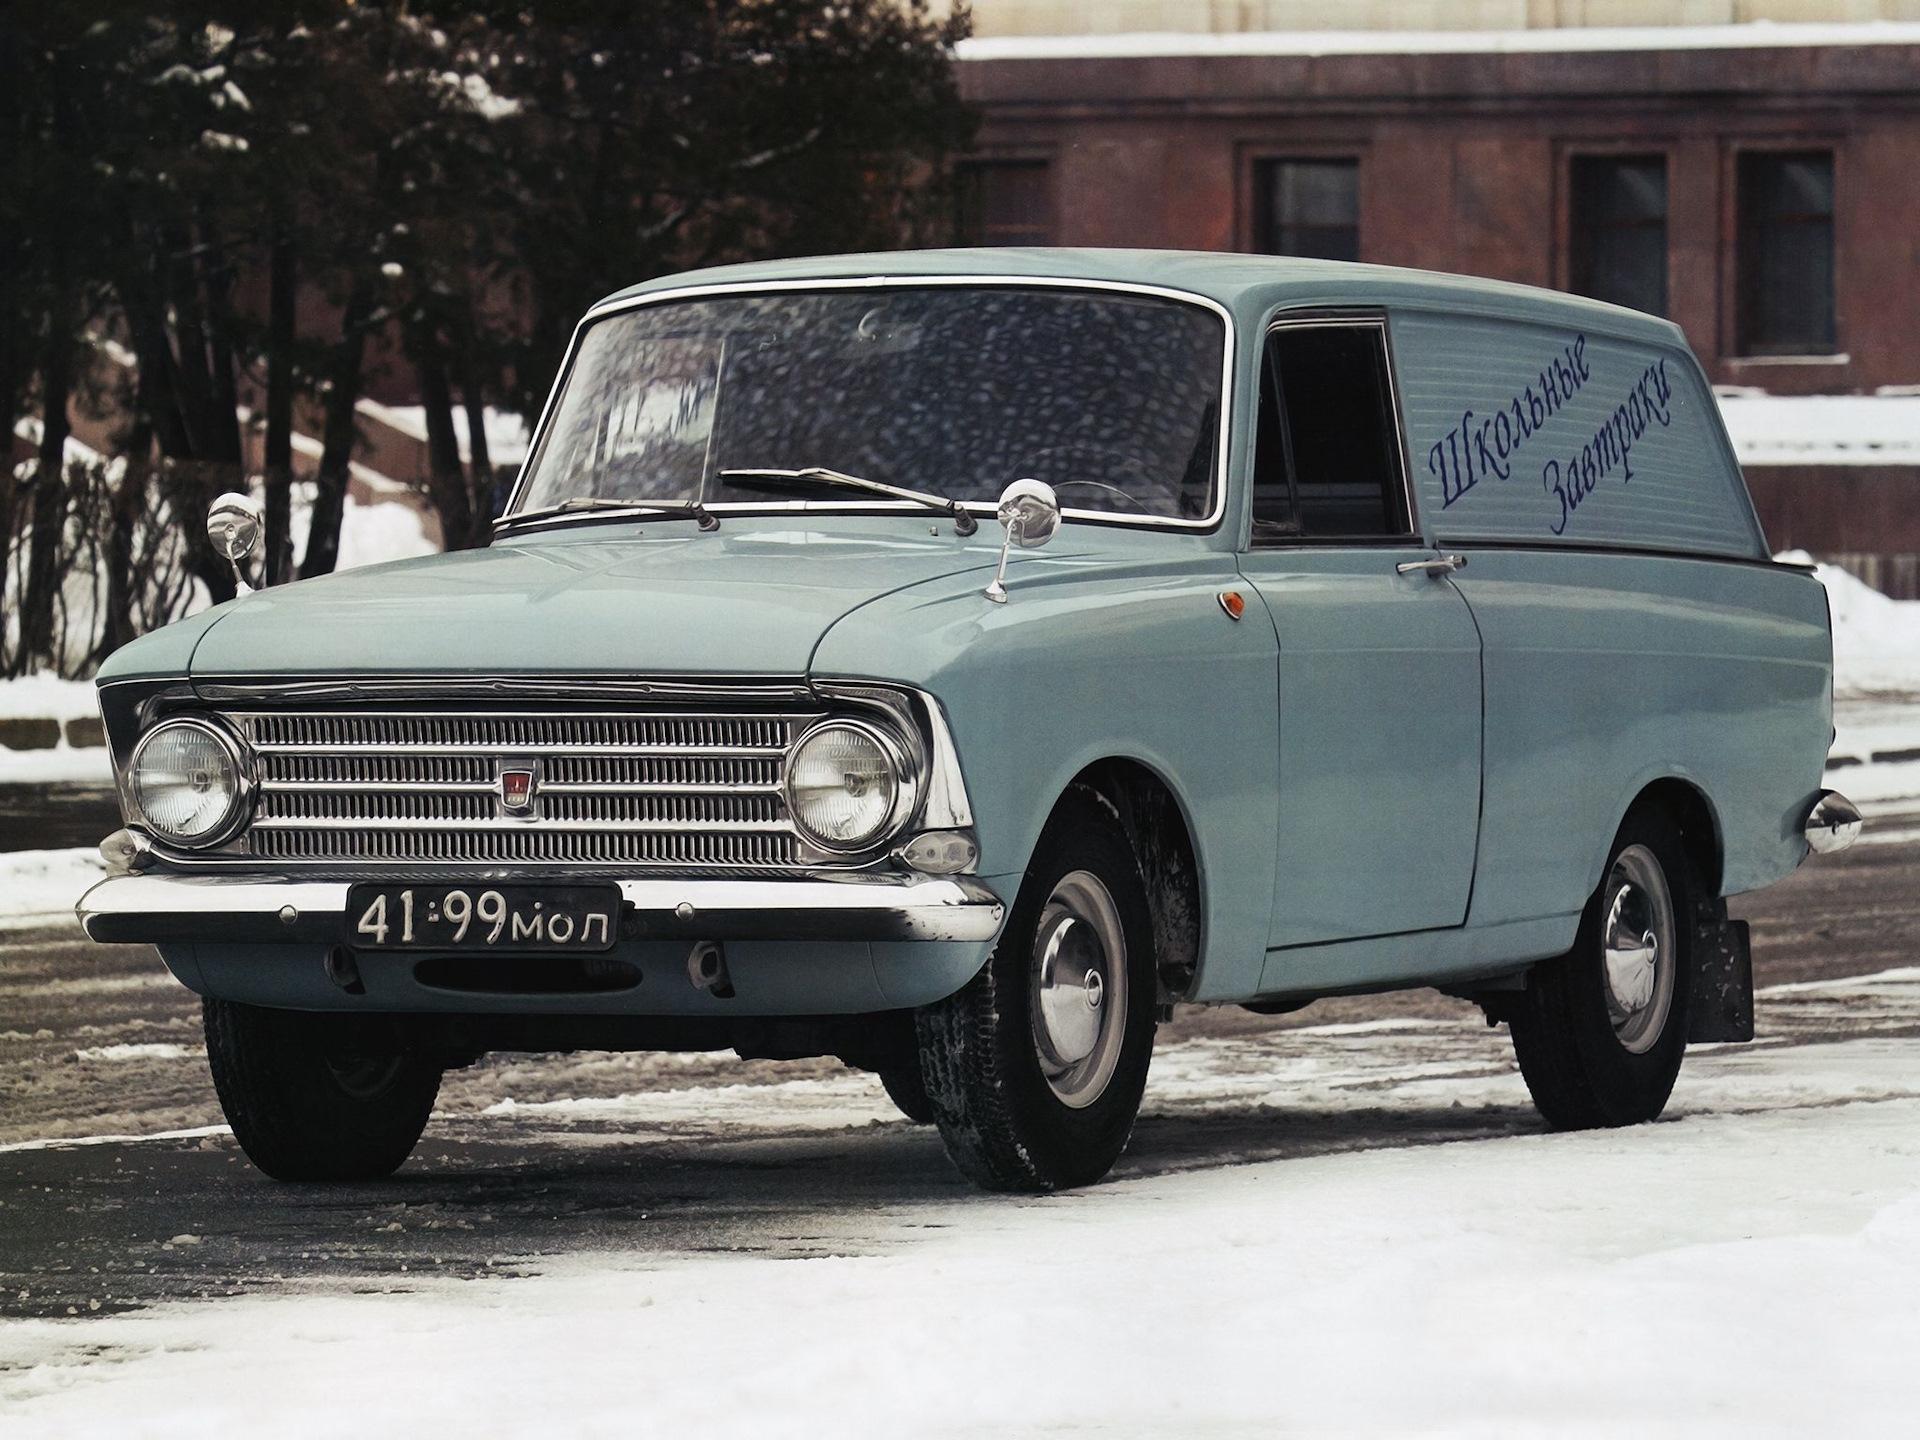 продажа картинки автомобилей москвичей йортны? ишек